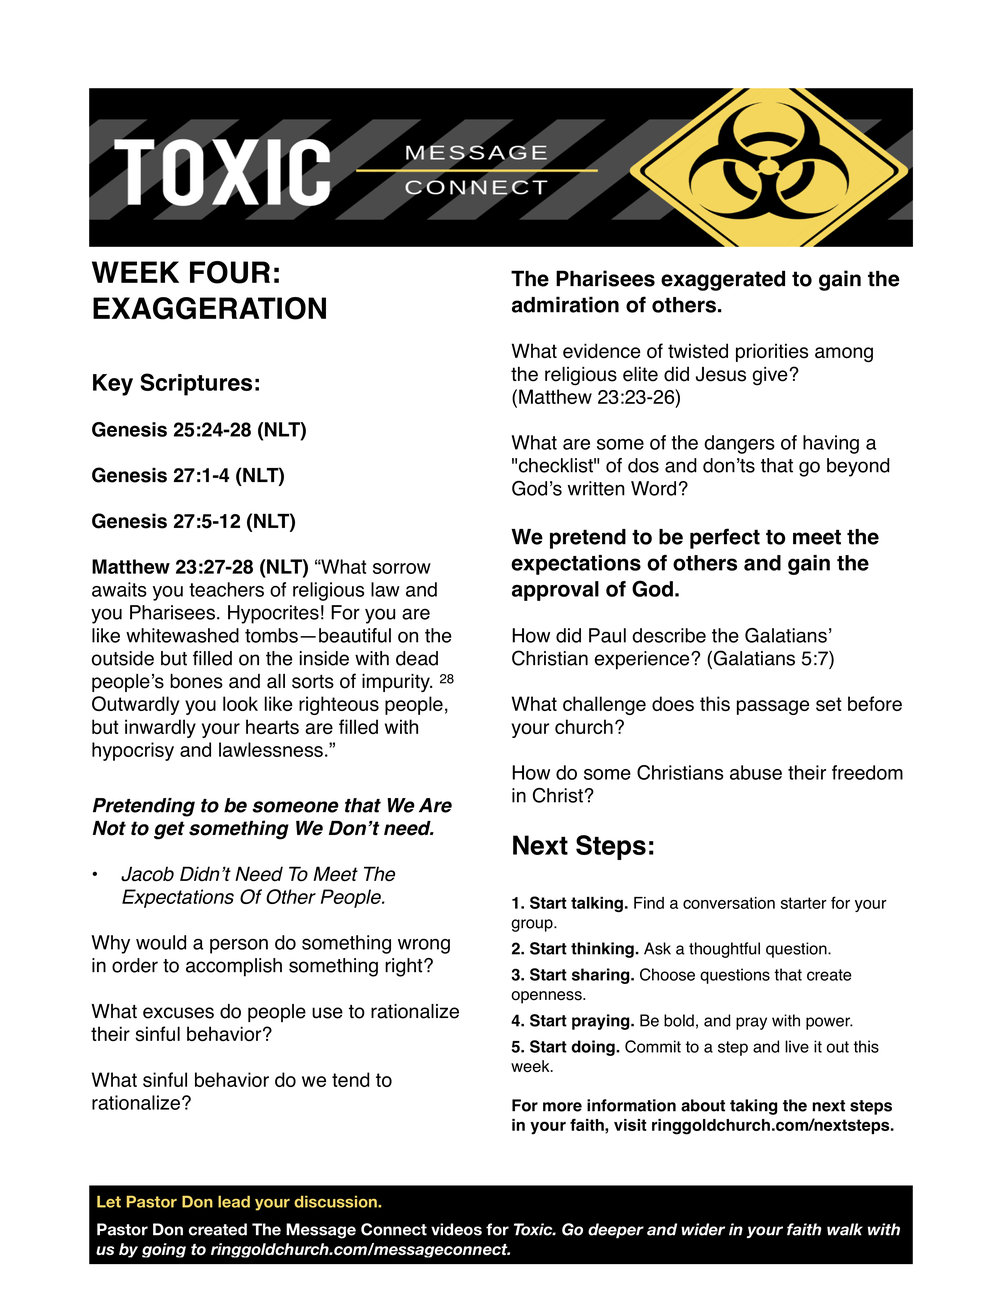 Toxic Week 4.jpg